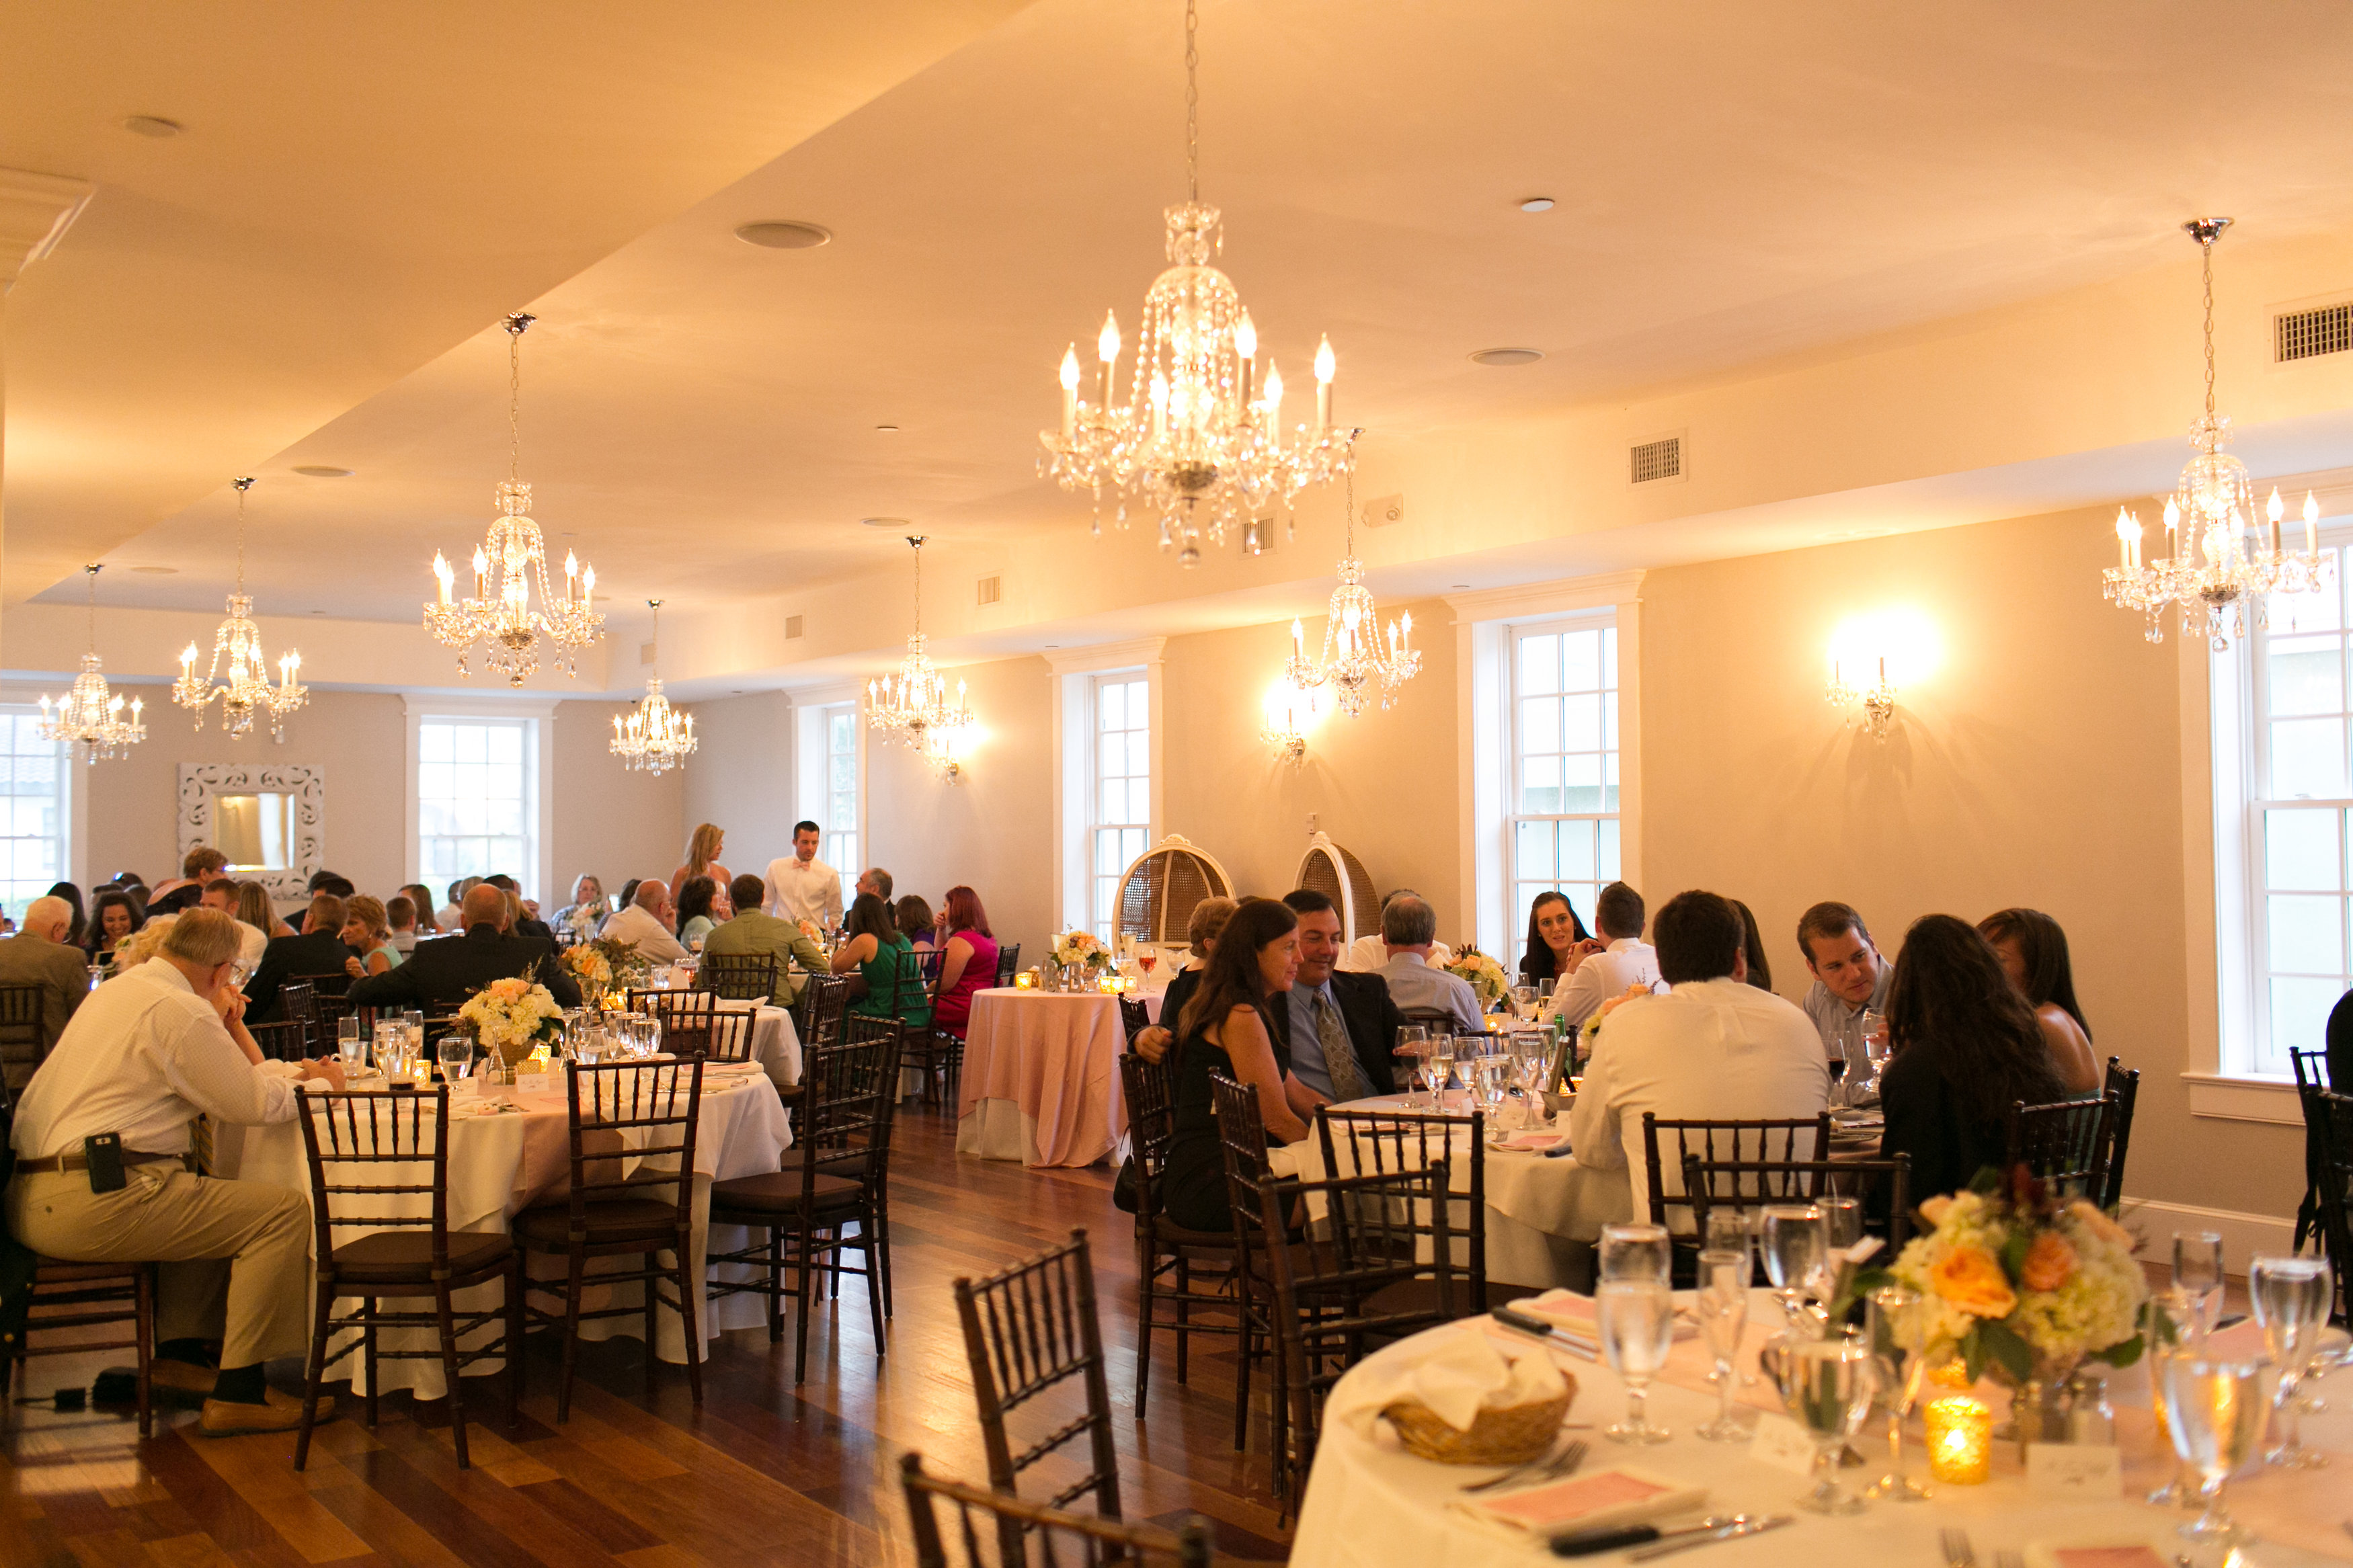 St-Augustine-Wedding-Villa-Blanca-White-Room-Reception